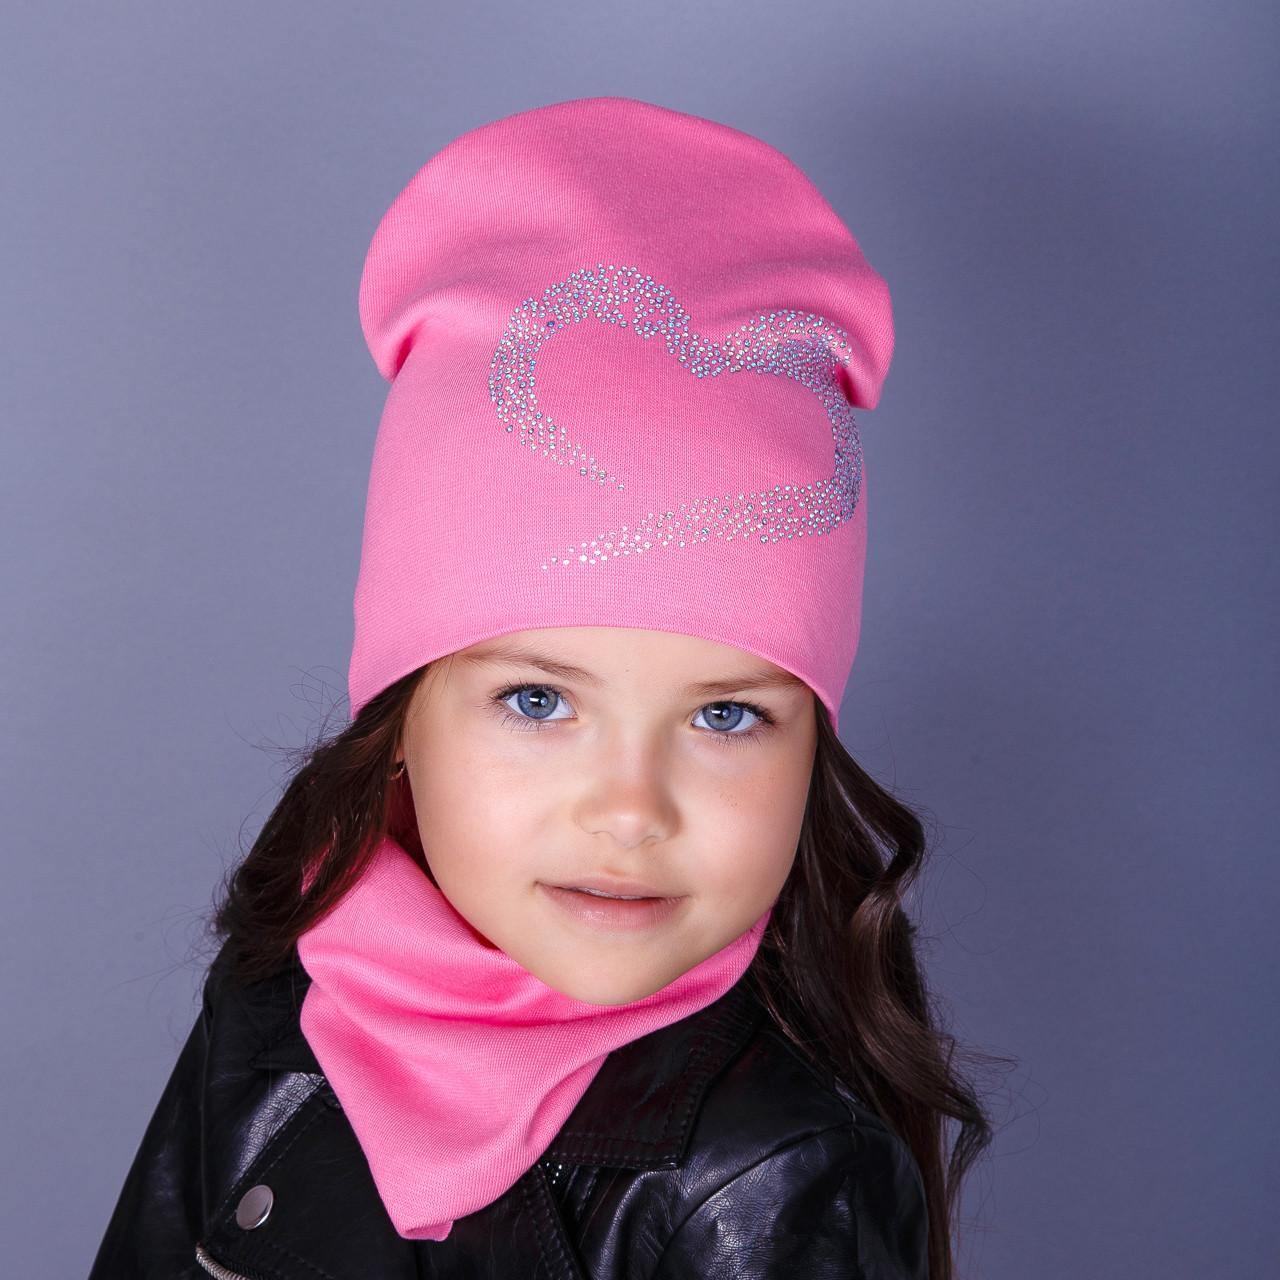 Стильная двойная шапка для девочек - Любовь - оптом - осень - весна - Артикул 1791